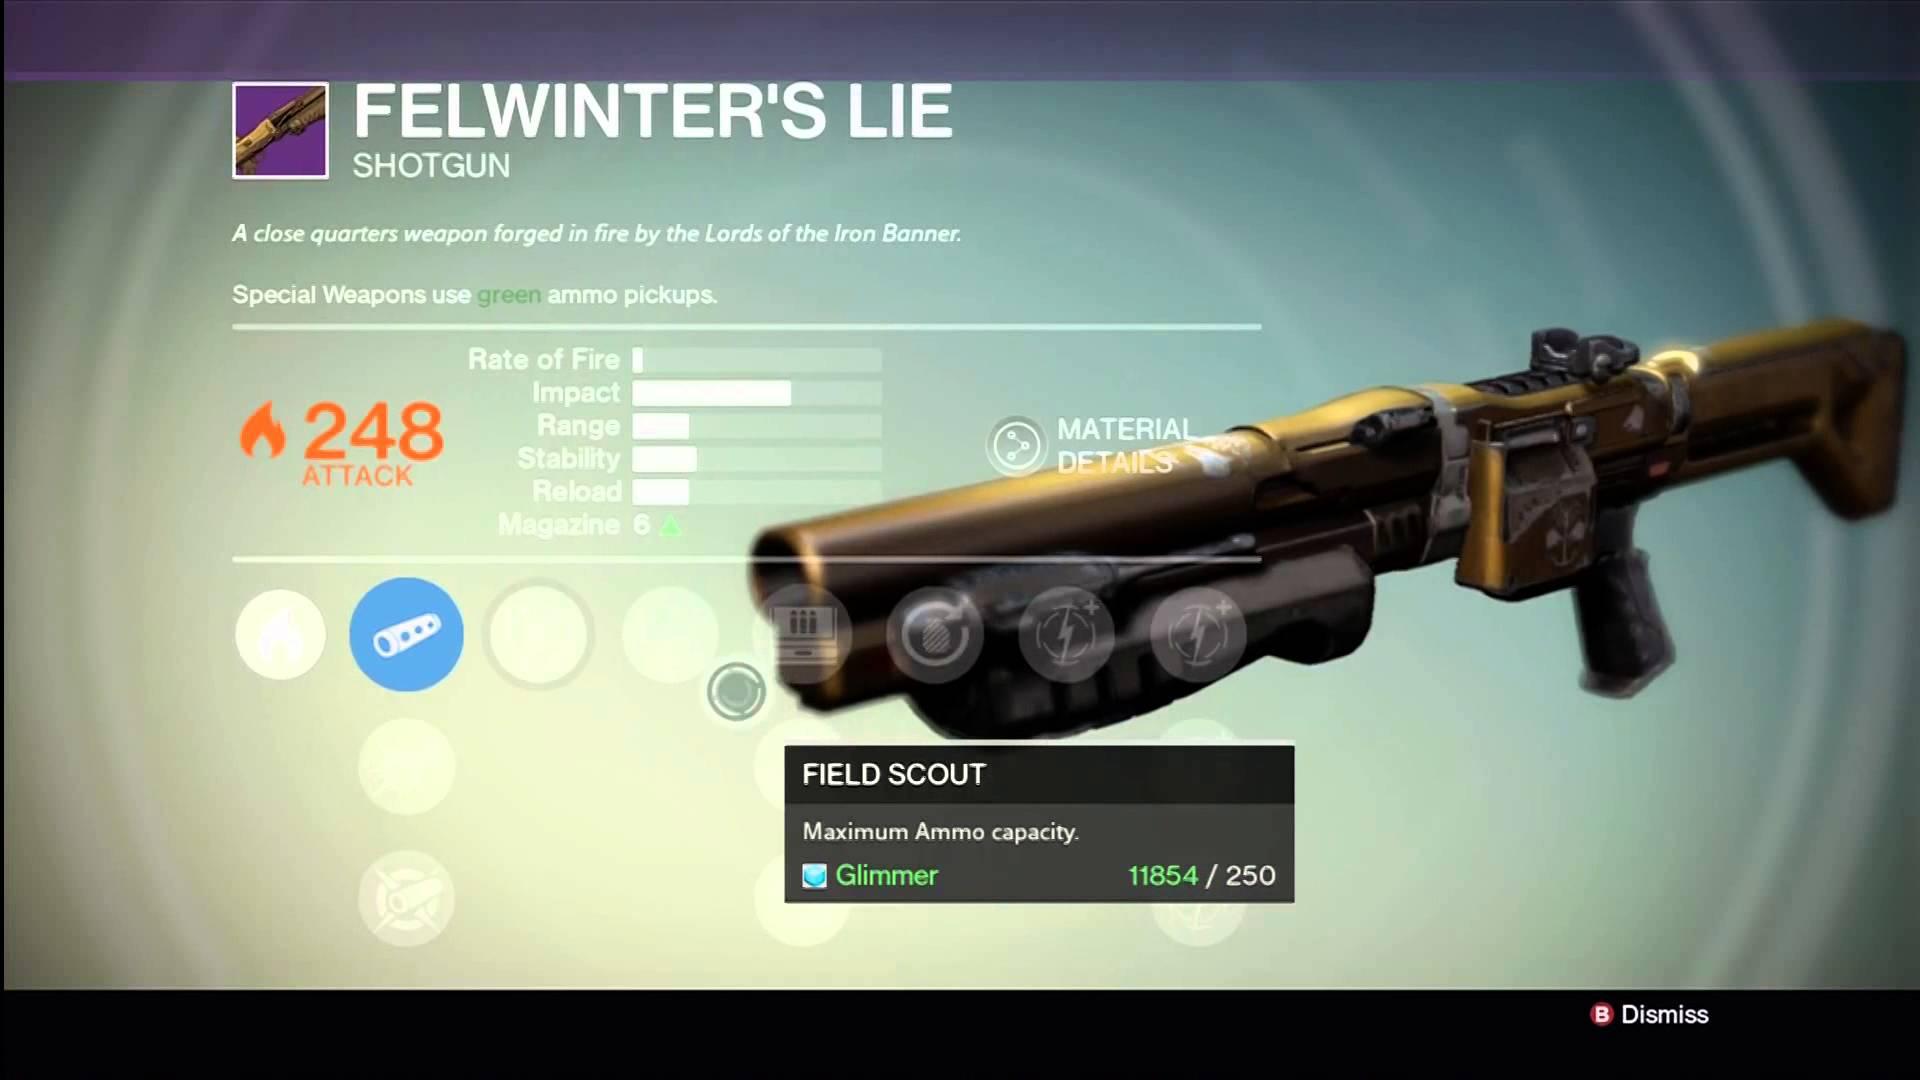 Felwinter'sLie